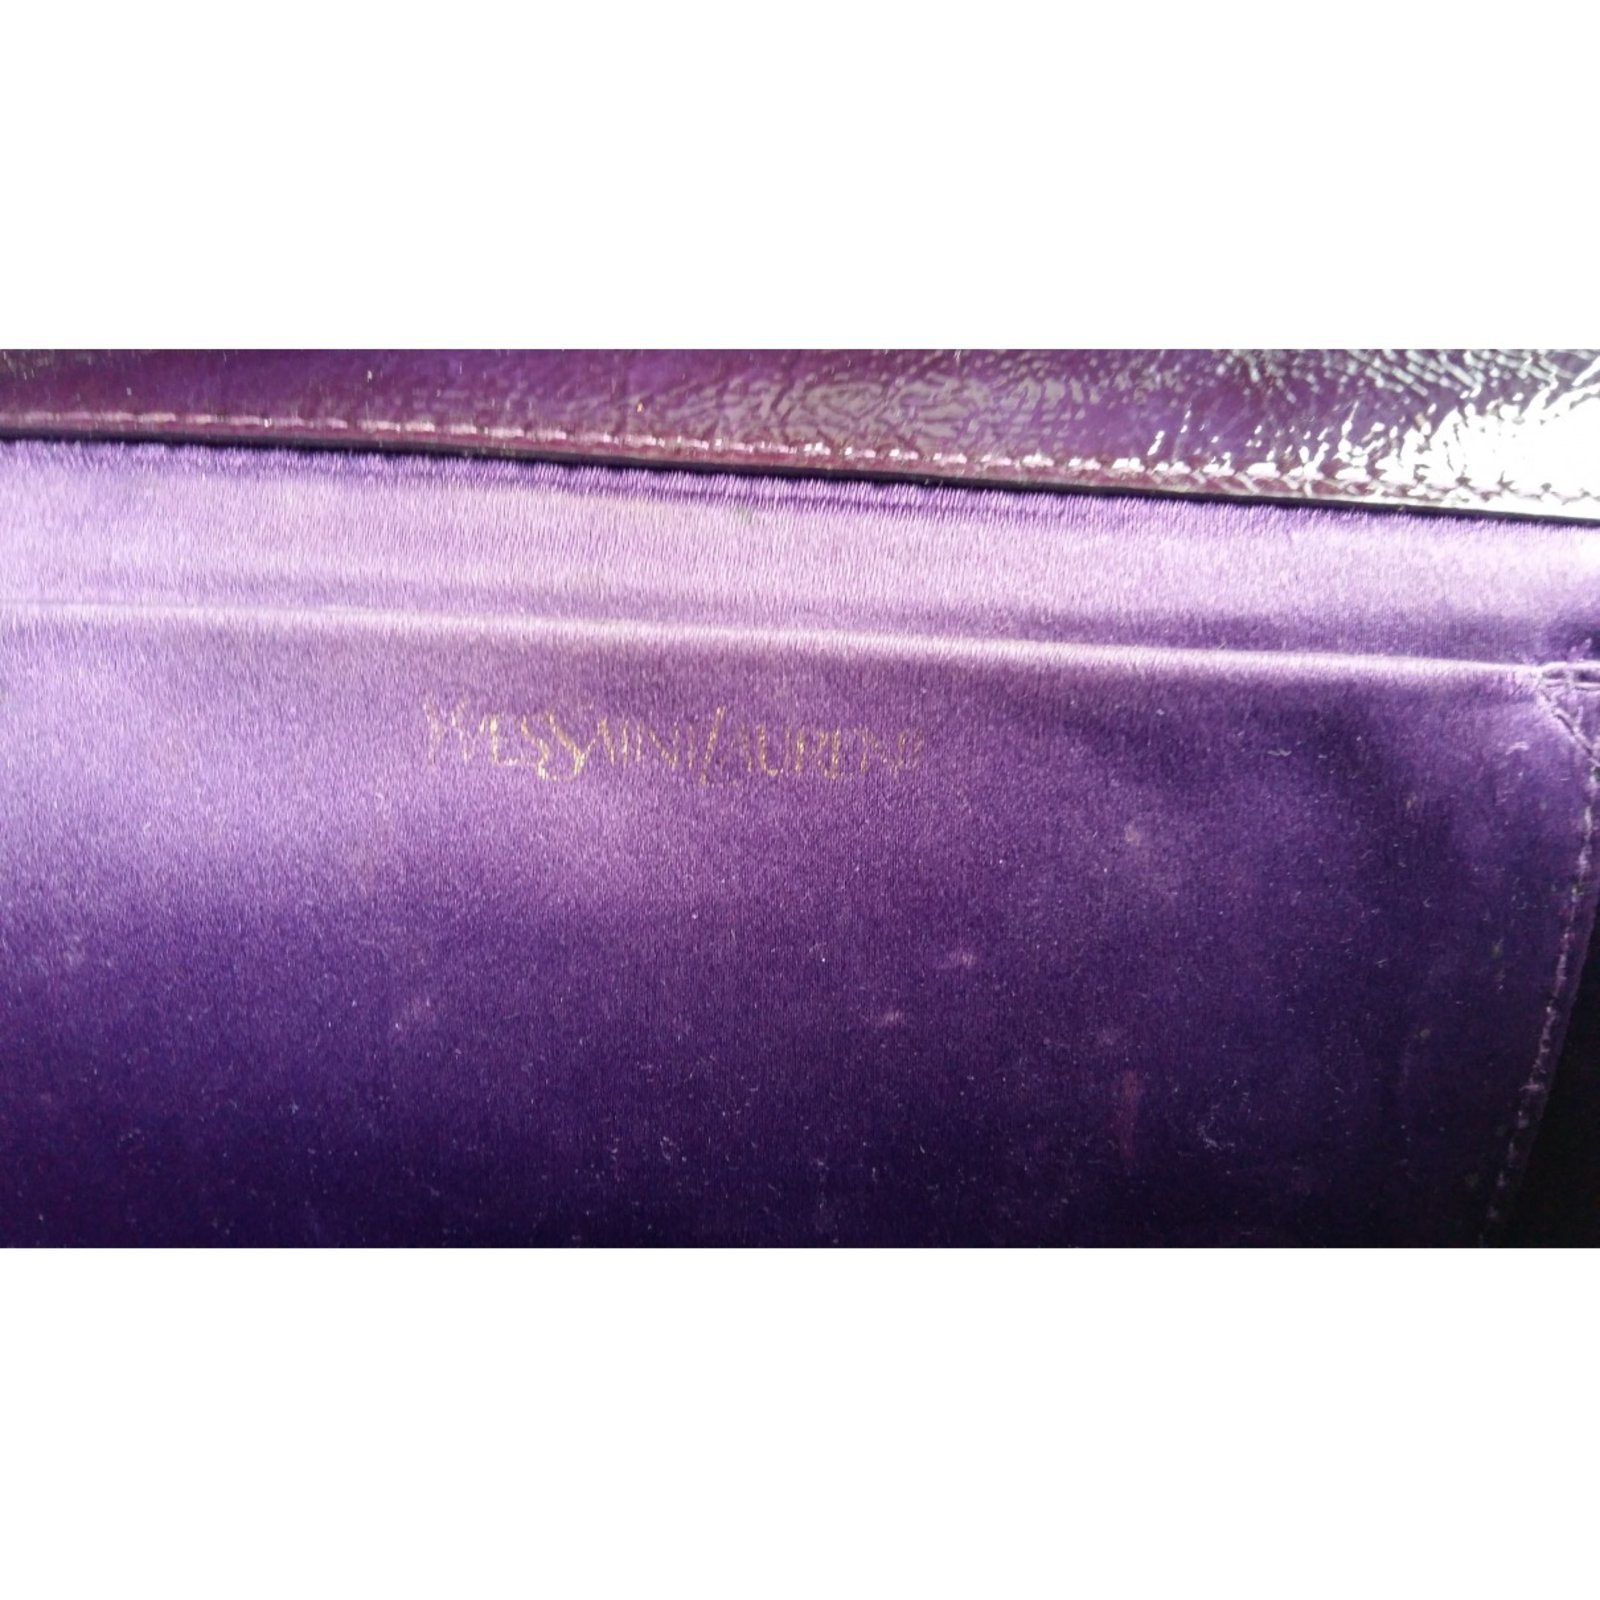 8d267659b6b8 ... Yves Saint Laurent Belle de jour Clutch bags Patent leather Purple  ref.29278 - Joli ...